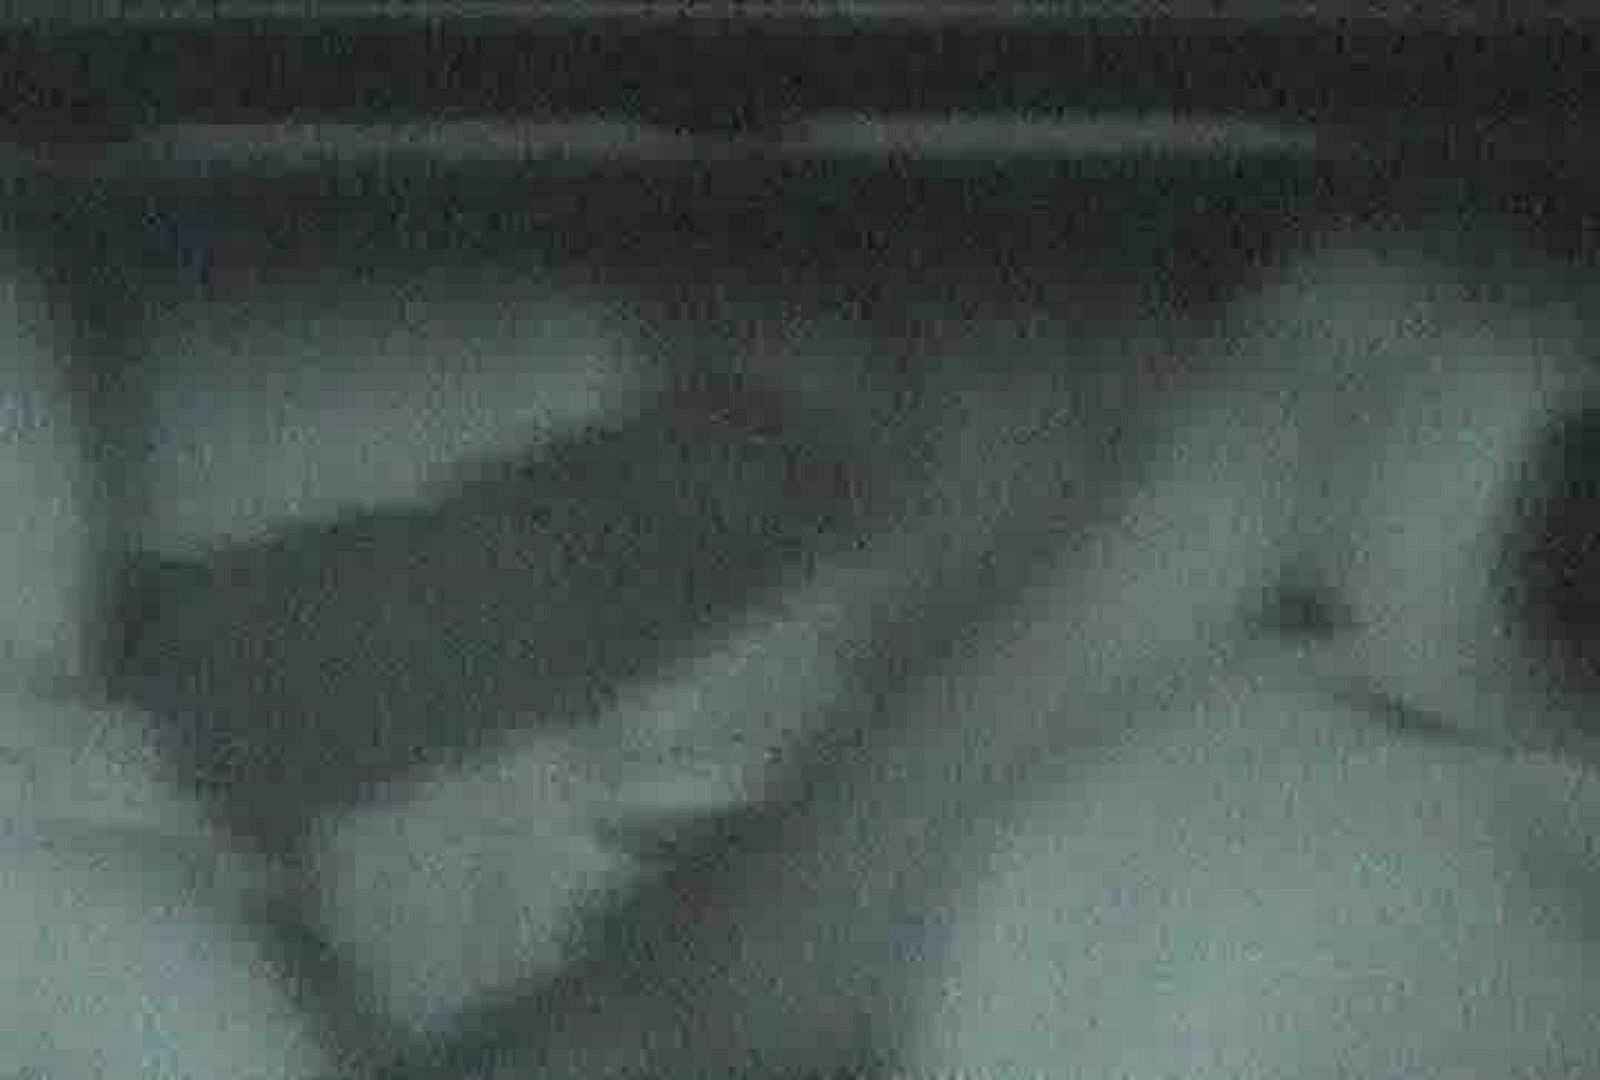 充血監督の深夜の運動会Vol.110 独身エッチOL | カップル  57pic 17